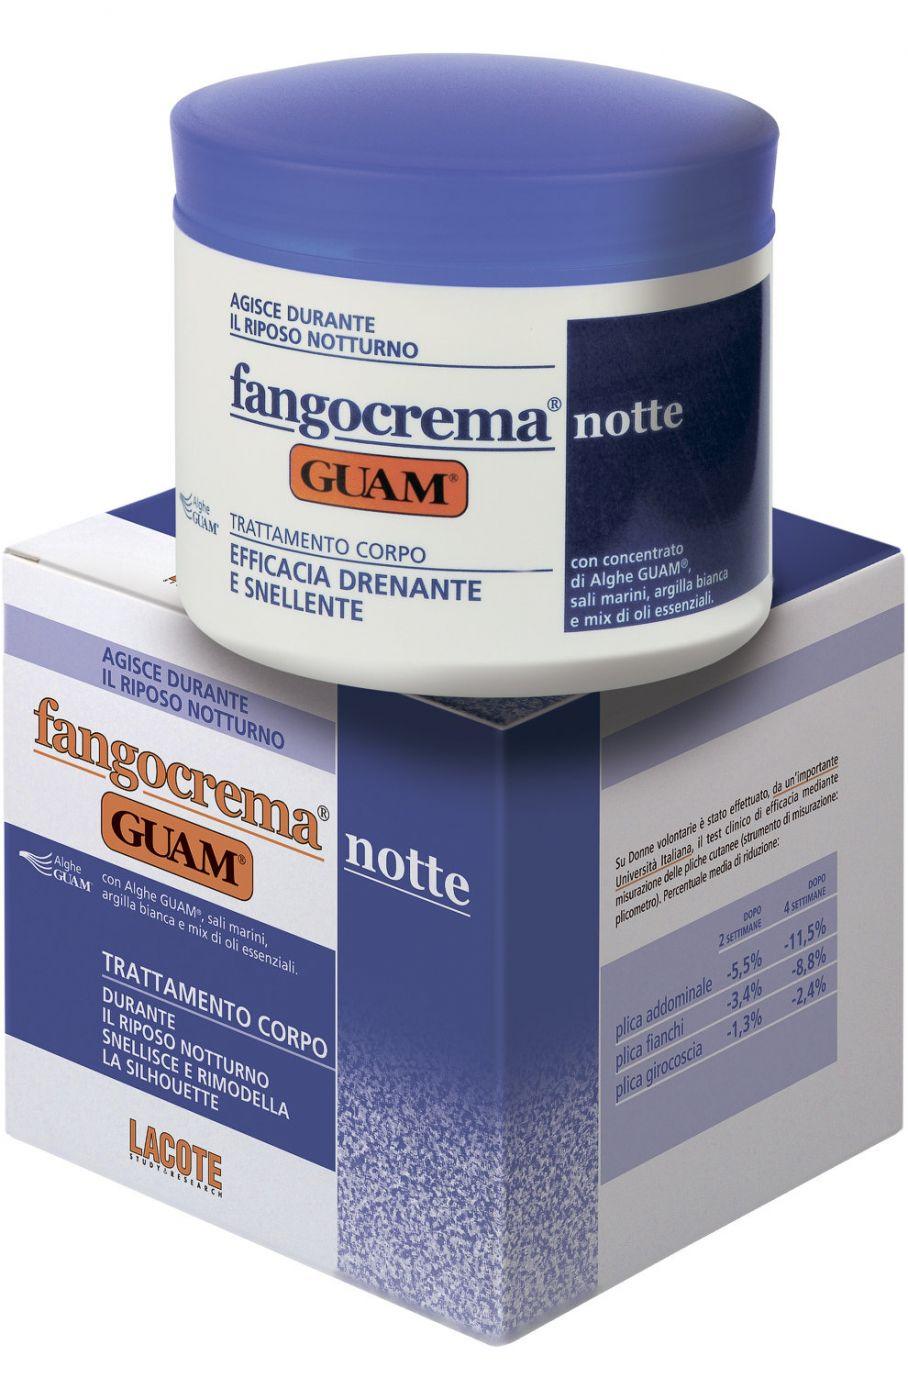 Ночной крем с разогревающим эффектом Fangocrema